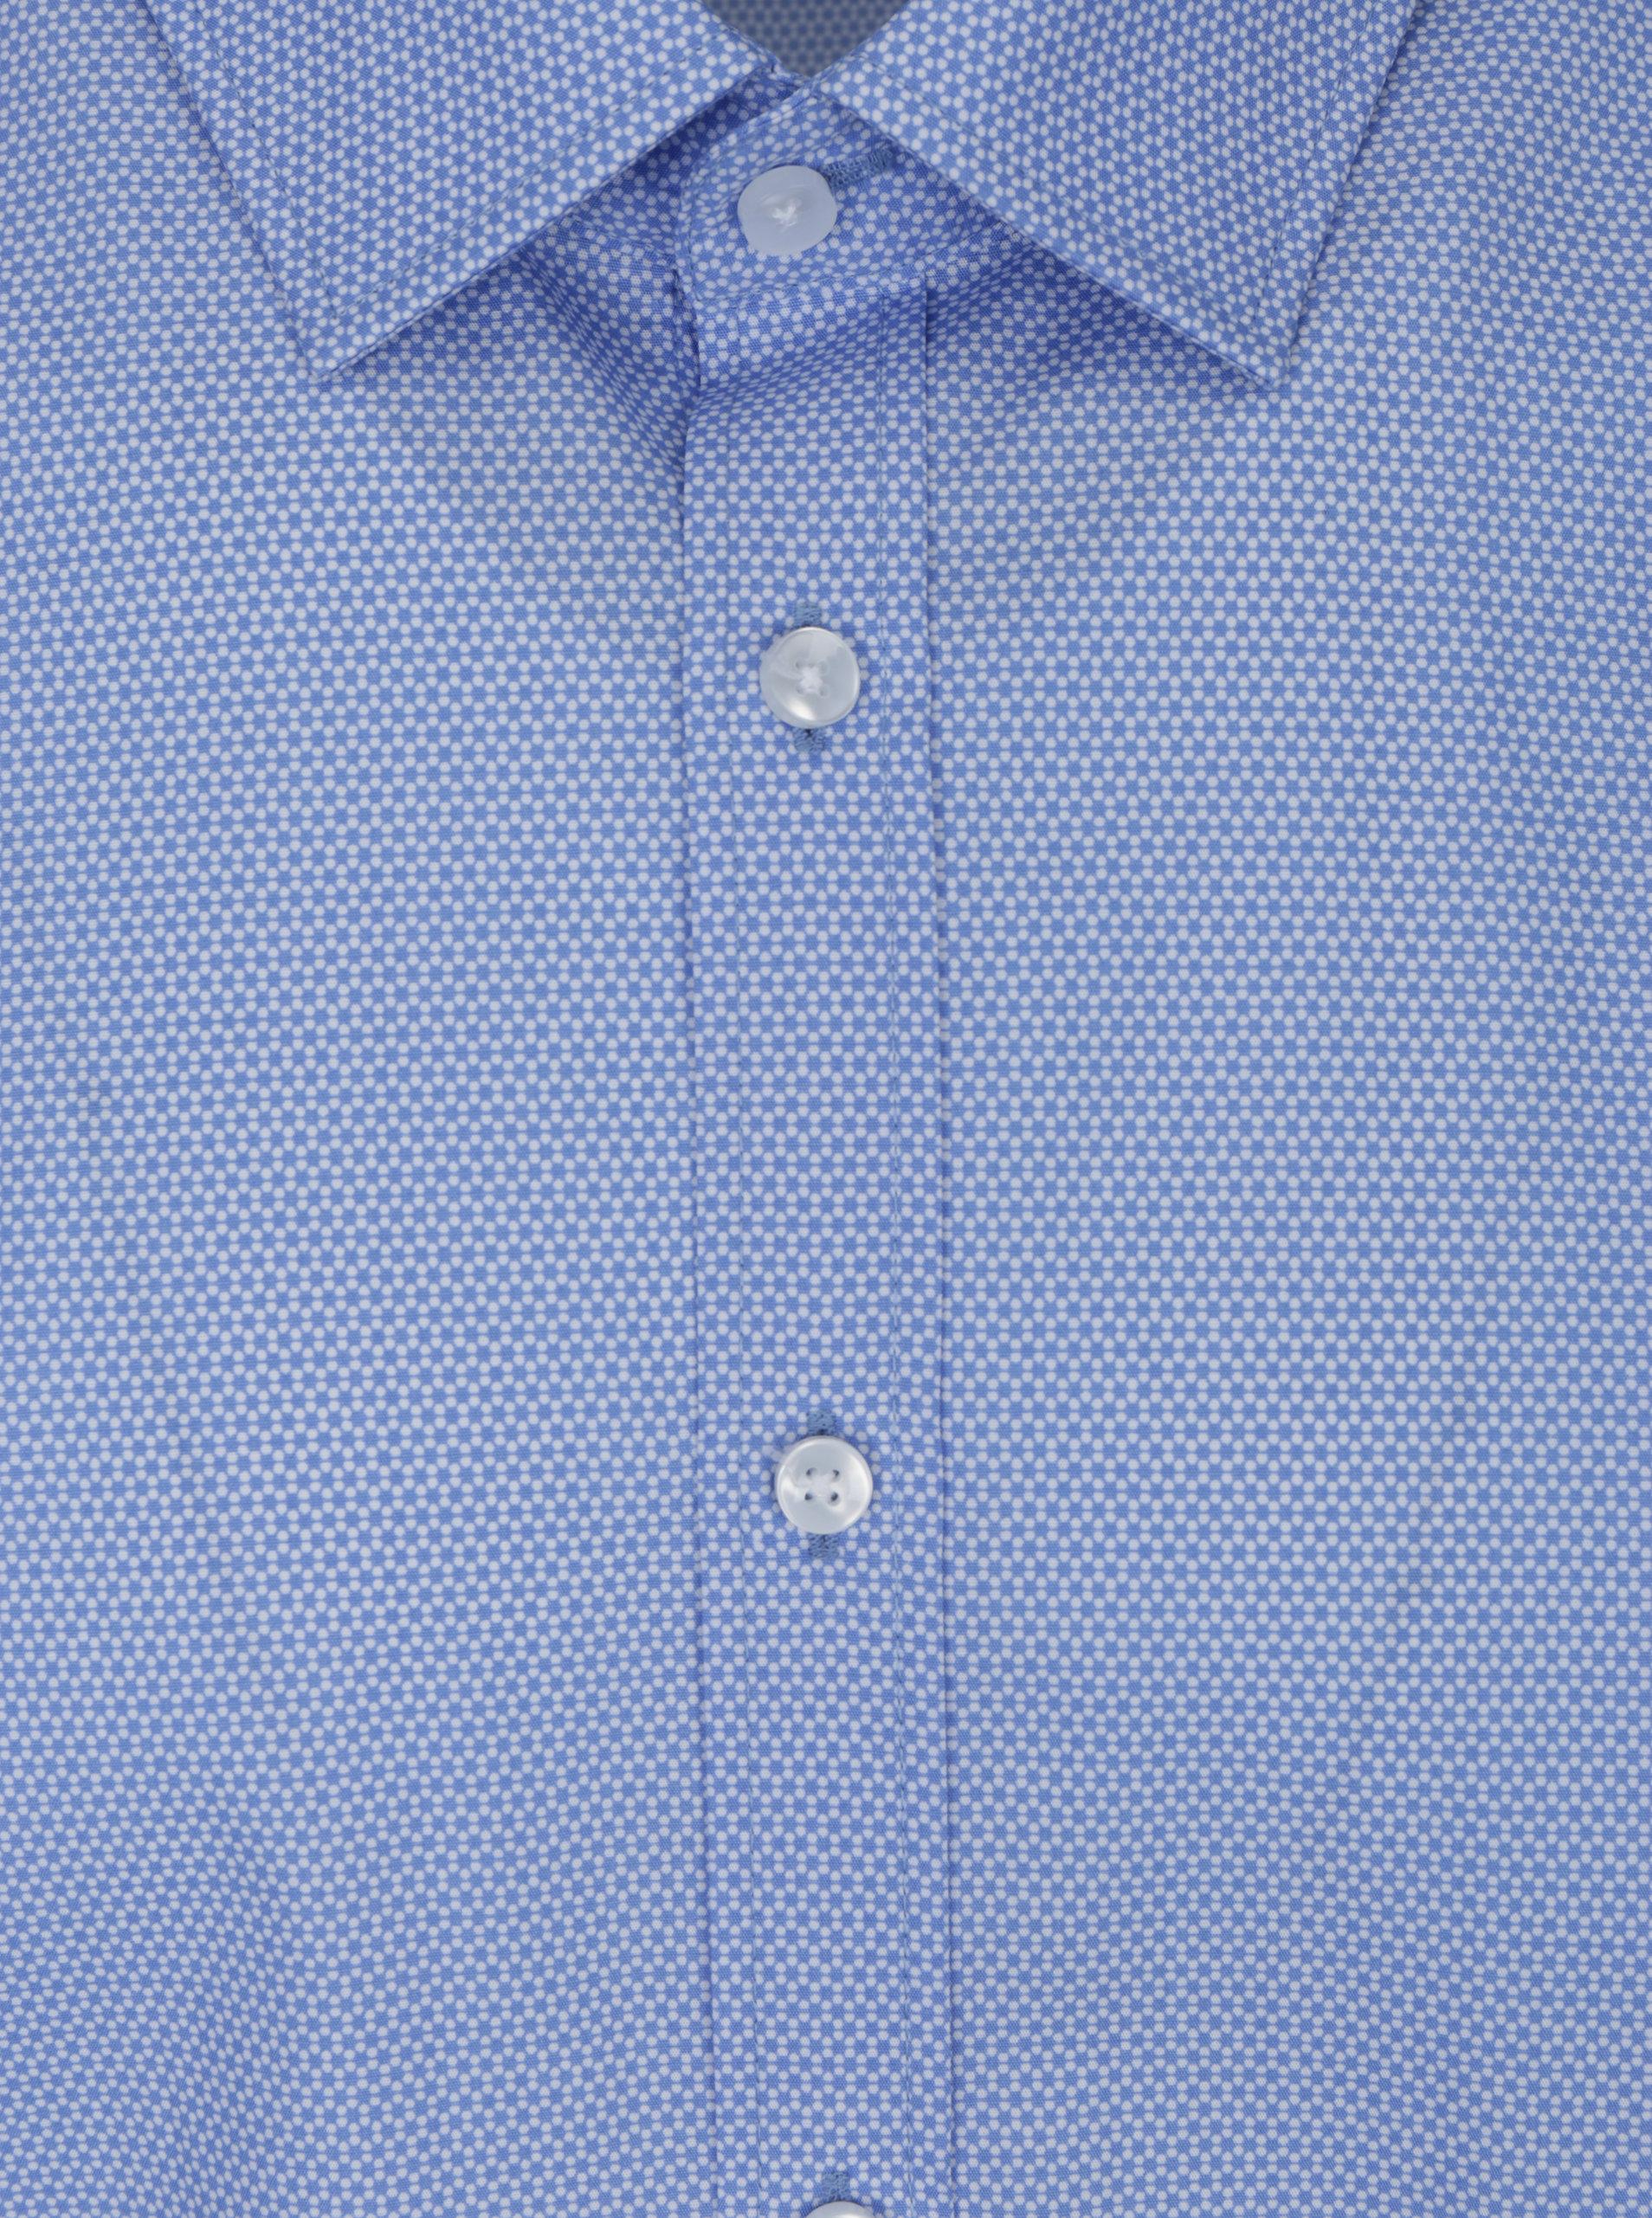 2778d4c1e0f6 Svetlomodrá formálna vzorovaná slim fit košeľa Seidensticker ...